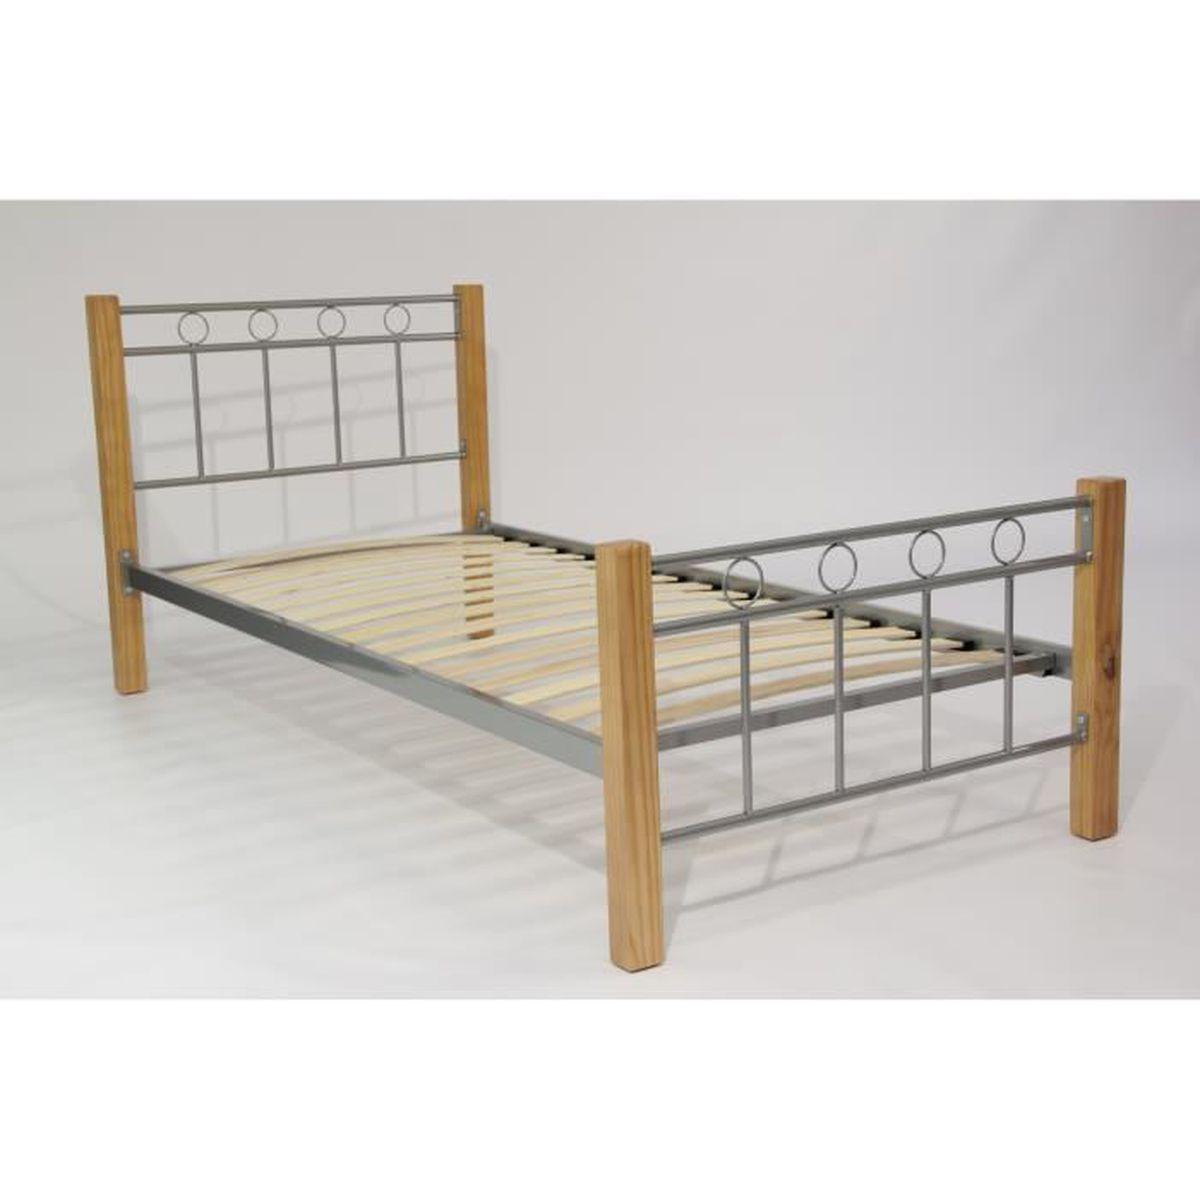 lit en m tal et bois eveline sommier 90x190 cm id al pour la chambre coucher de vos enfants. Black Bedroom Furniture Sets. Home Design Ideas